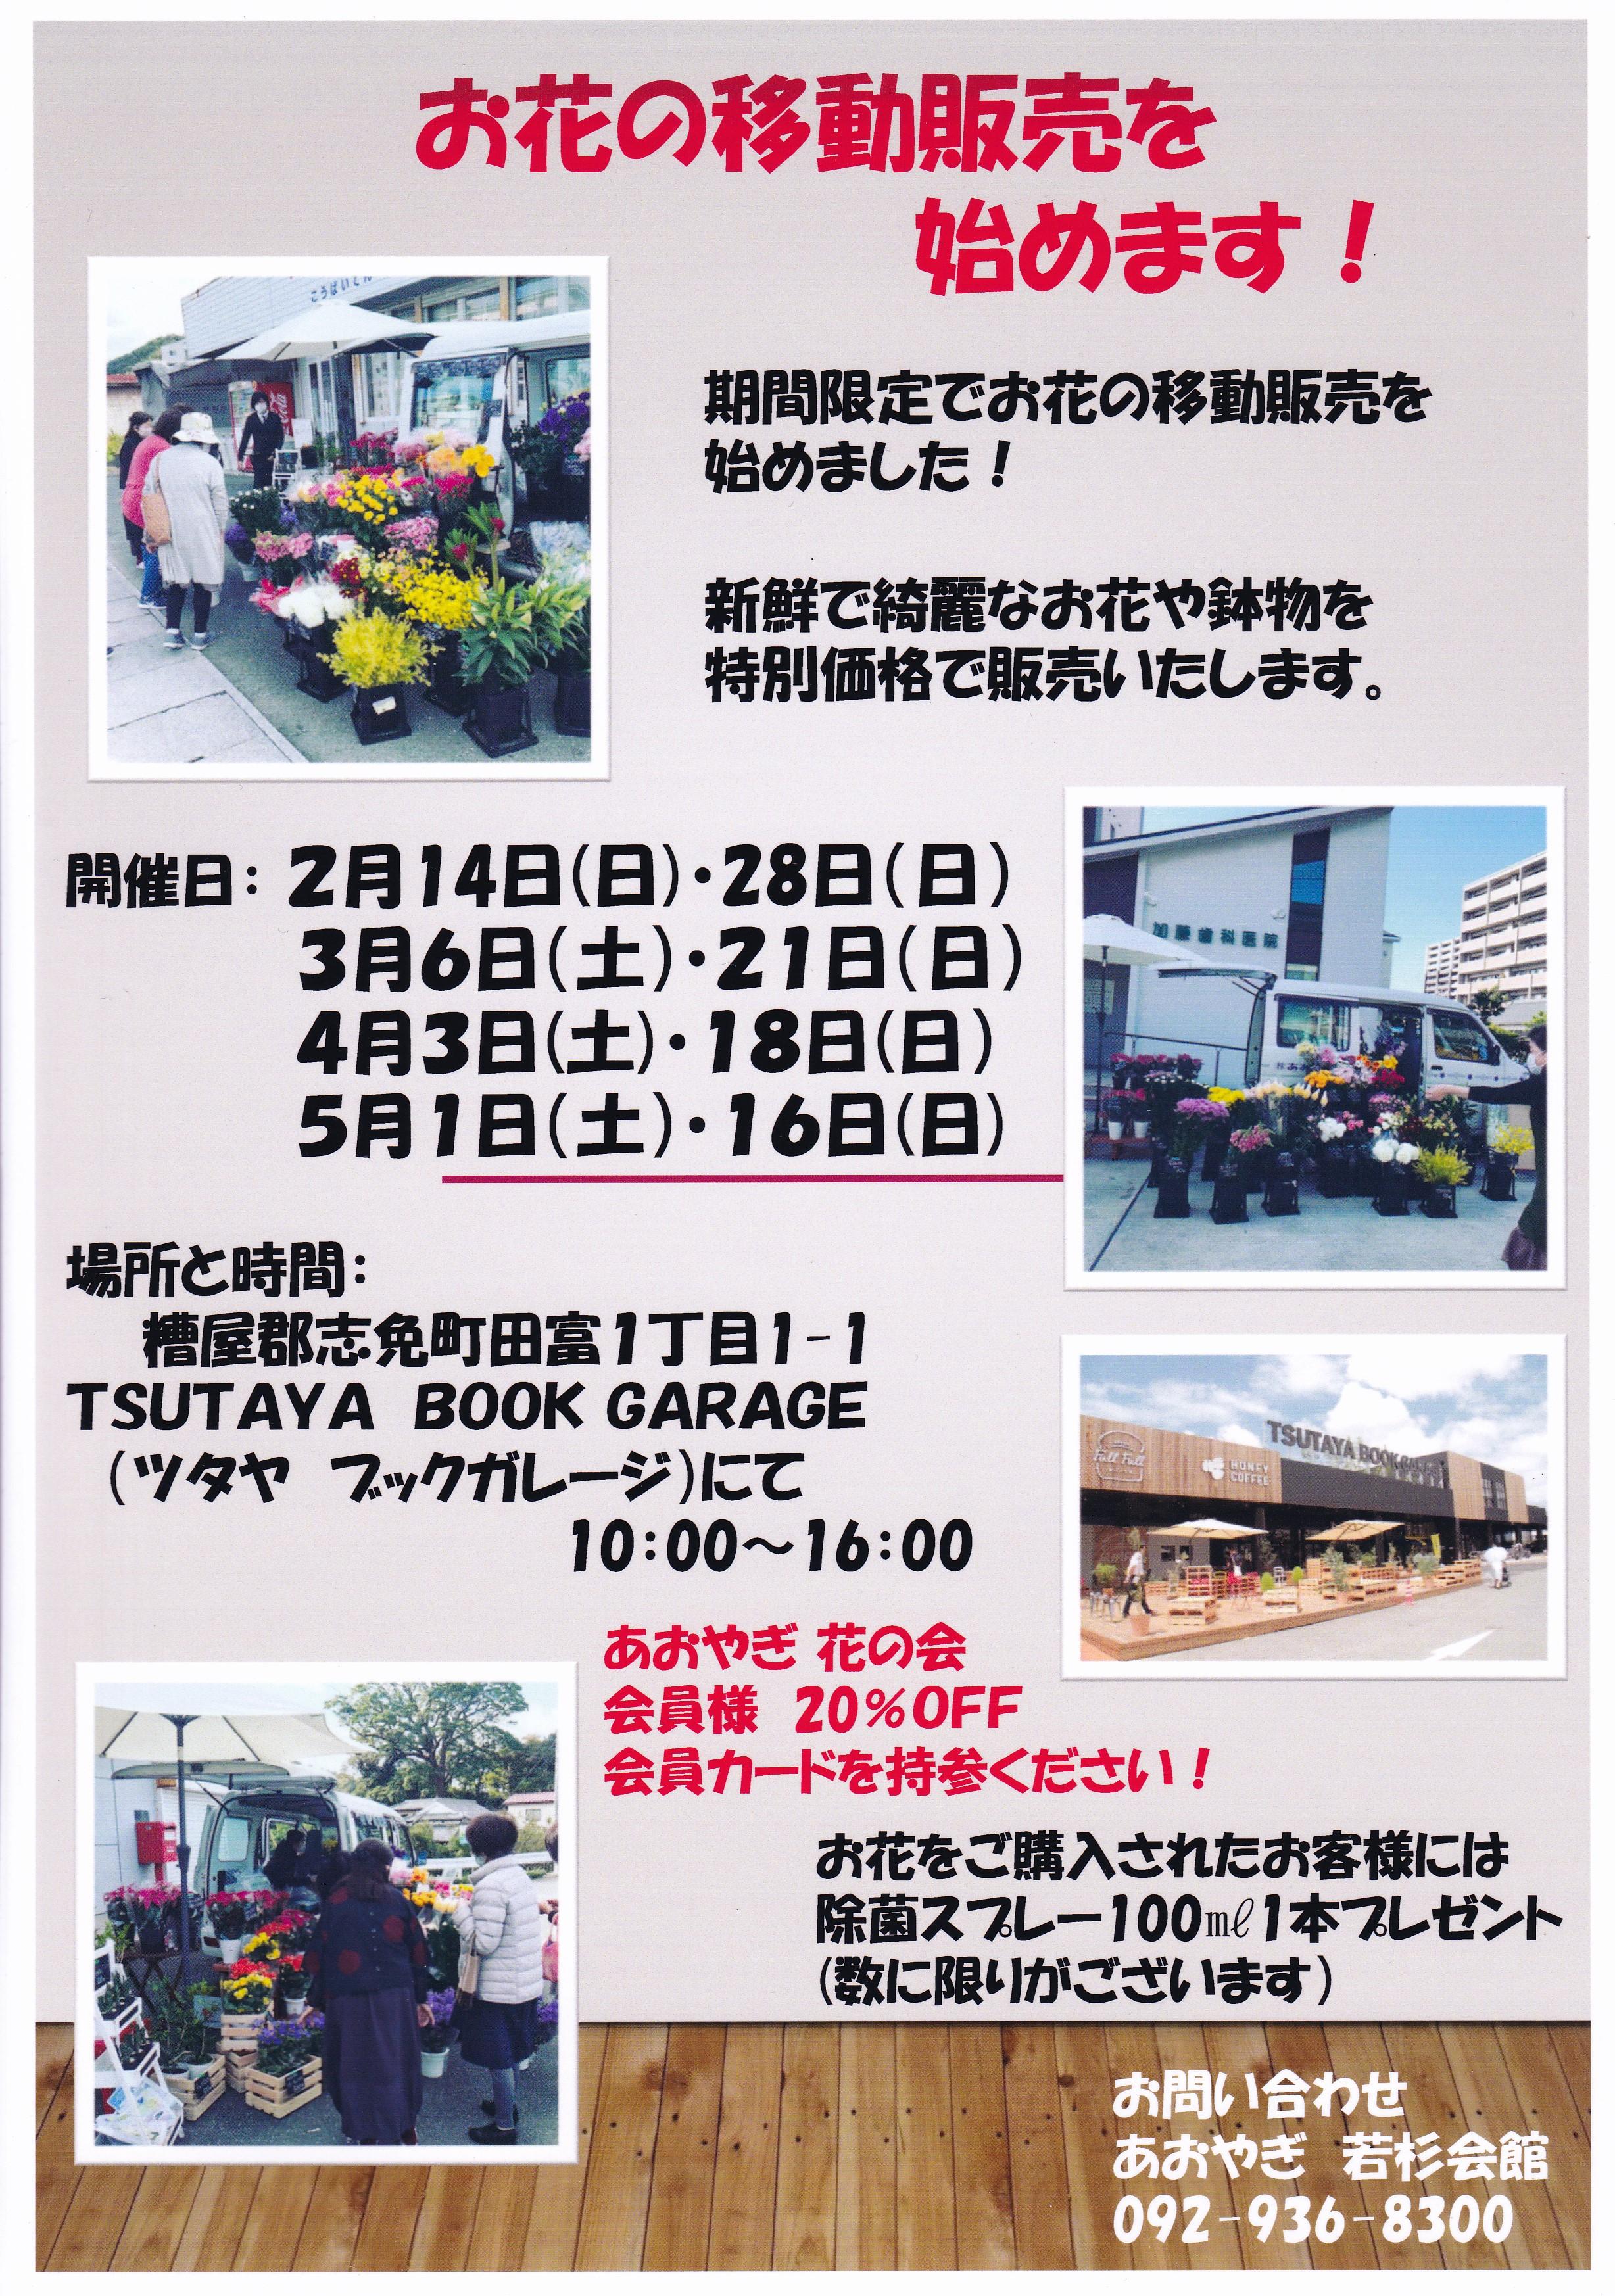 イメージ:お花の移動販売を始めます!